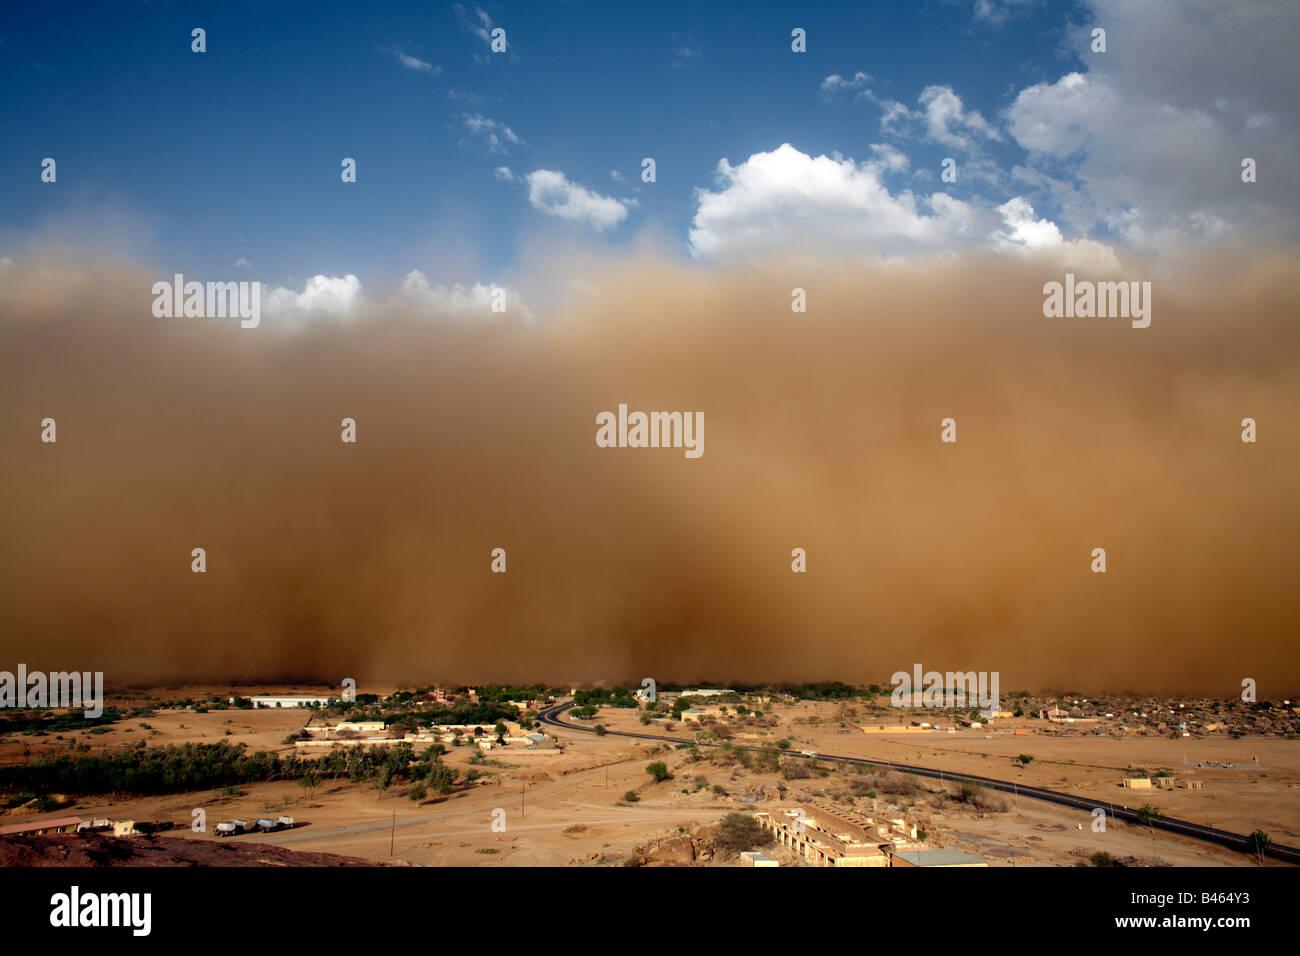 Una tormenta de arena es visto en Eritrea, cerca de la frontera sudanesa. Imagen De Stock